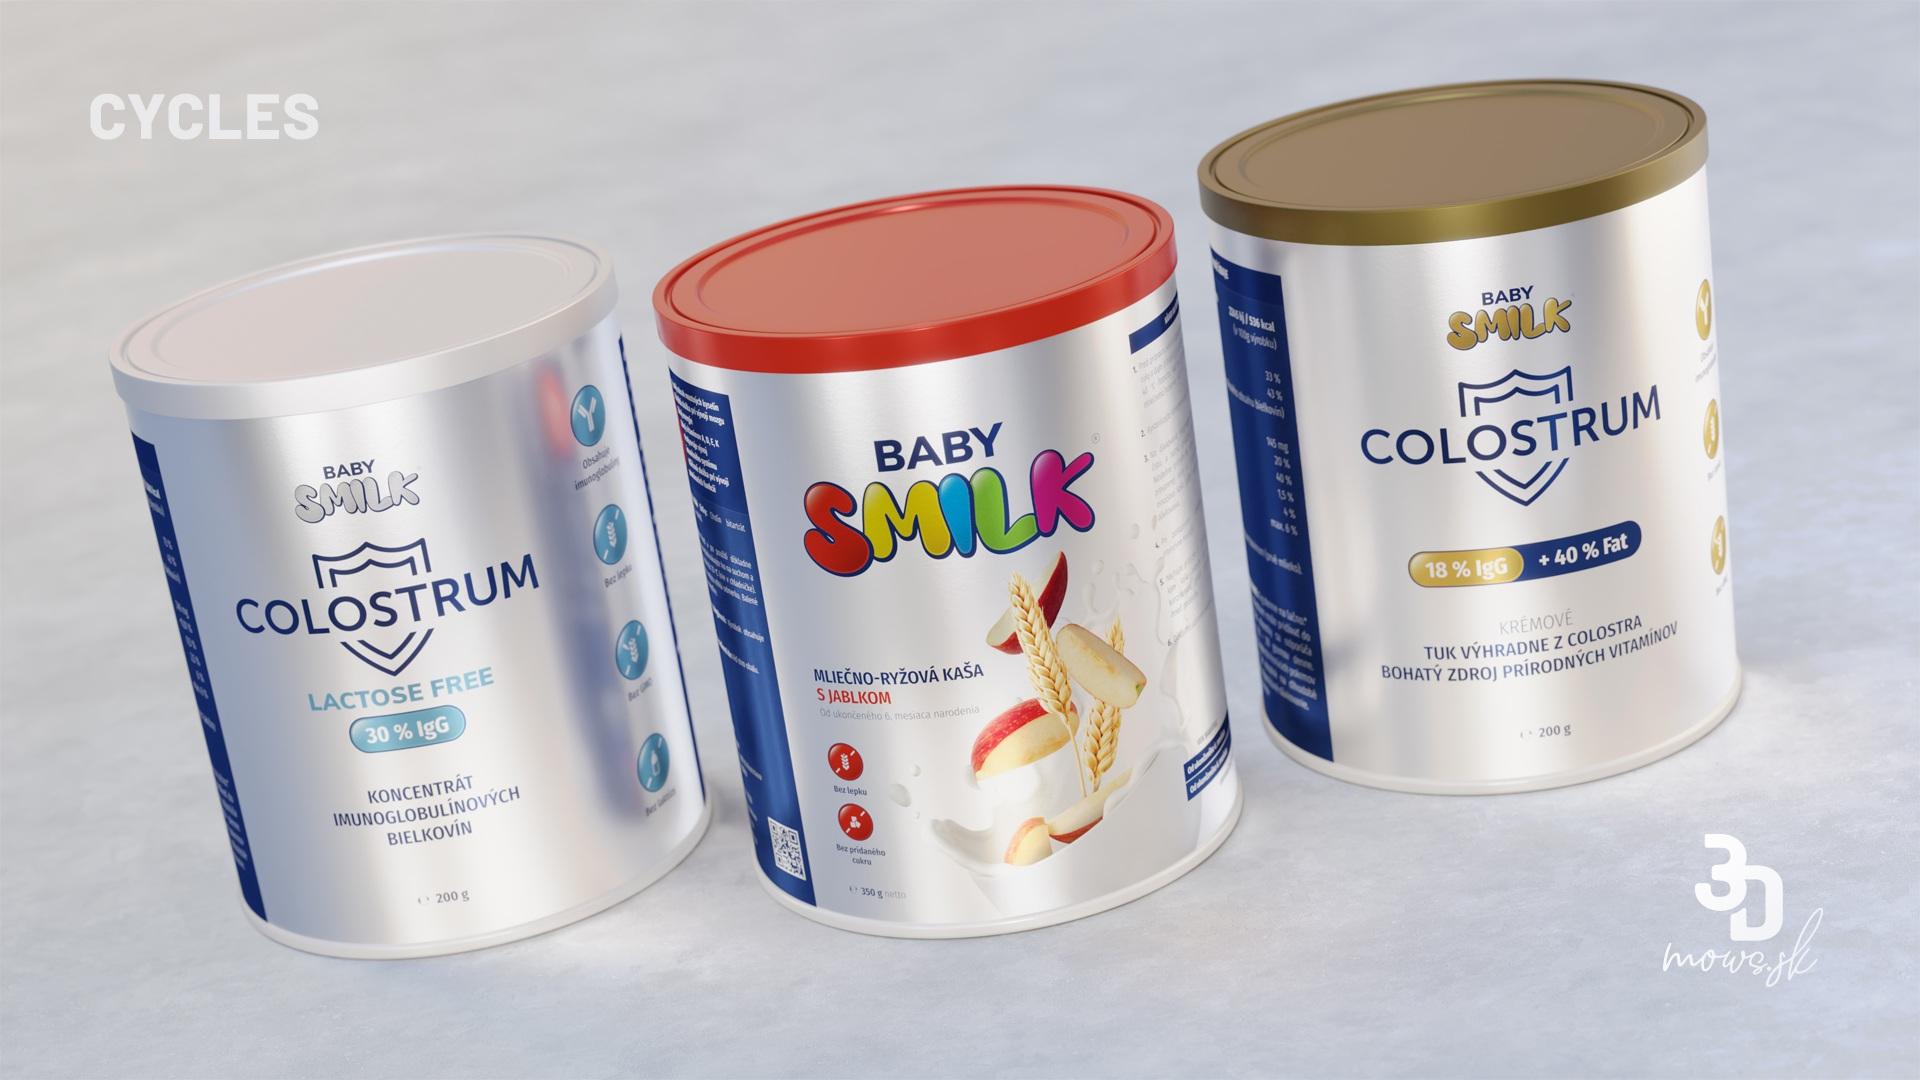 Vybrané Baby Smilk nádoby renderované cez Cycles